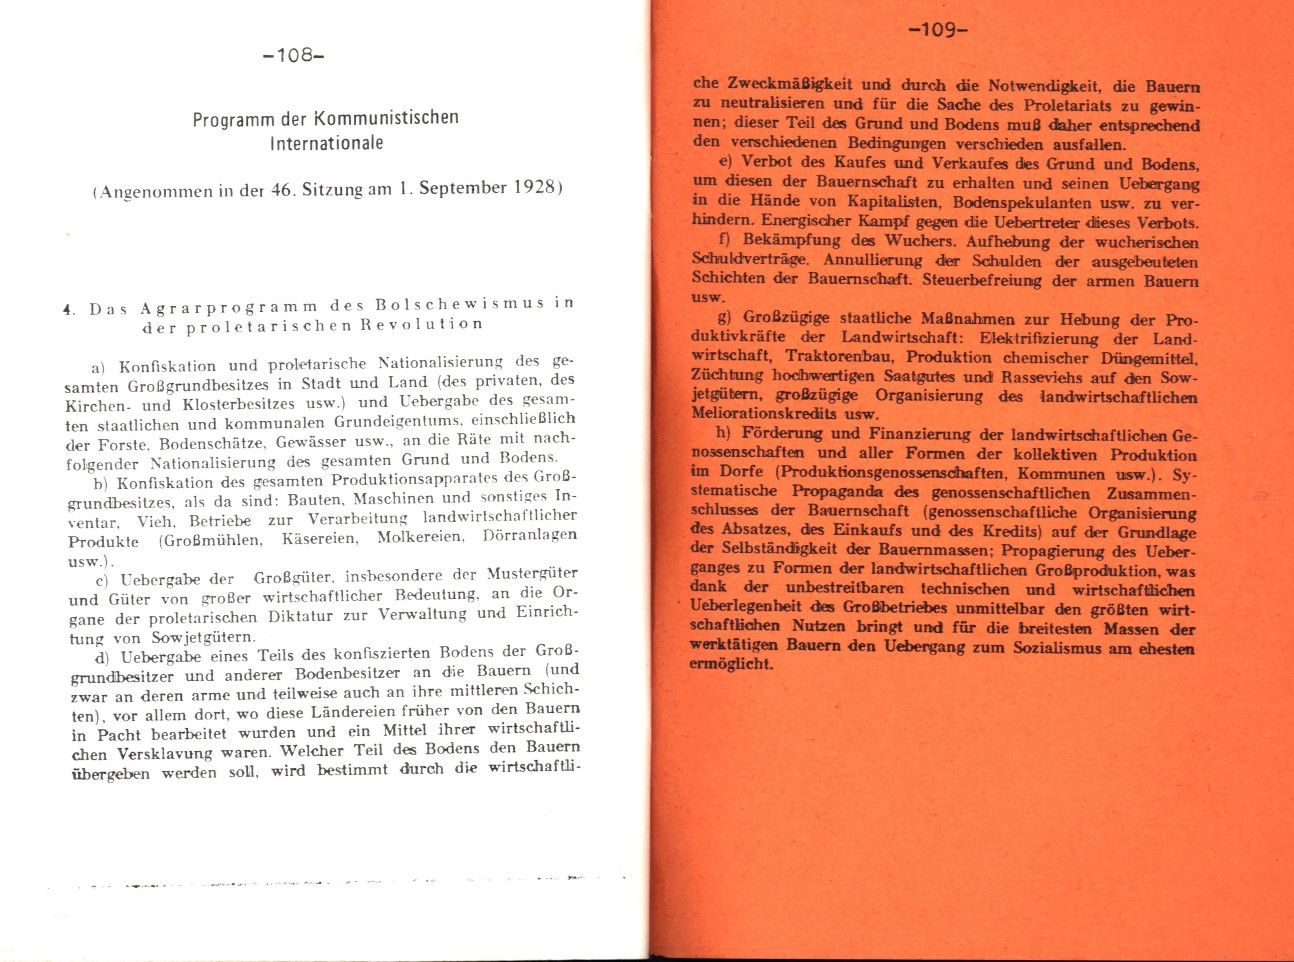 MLSK_Theorie_und_Praxis_des_ML_1978_23_58